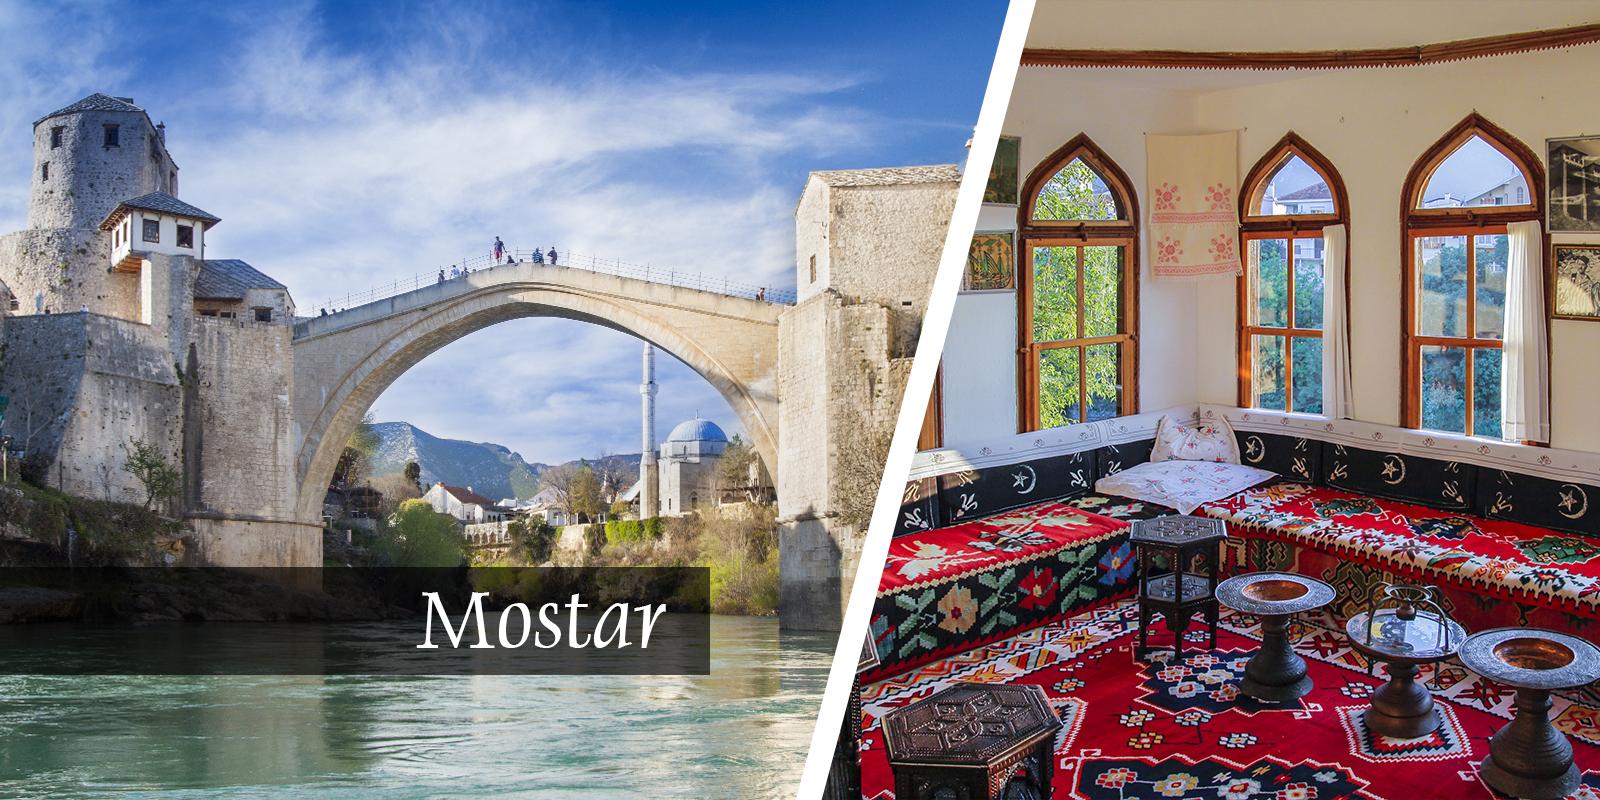 Mostar Bośnia Stary Most AtrakcjeZabytki Pogoda Zwedzanie Bałkany